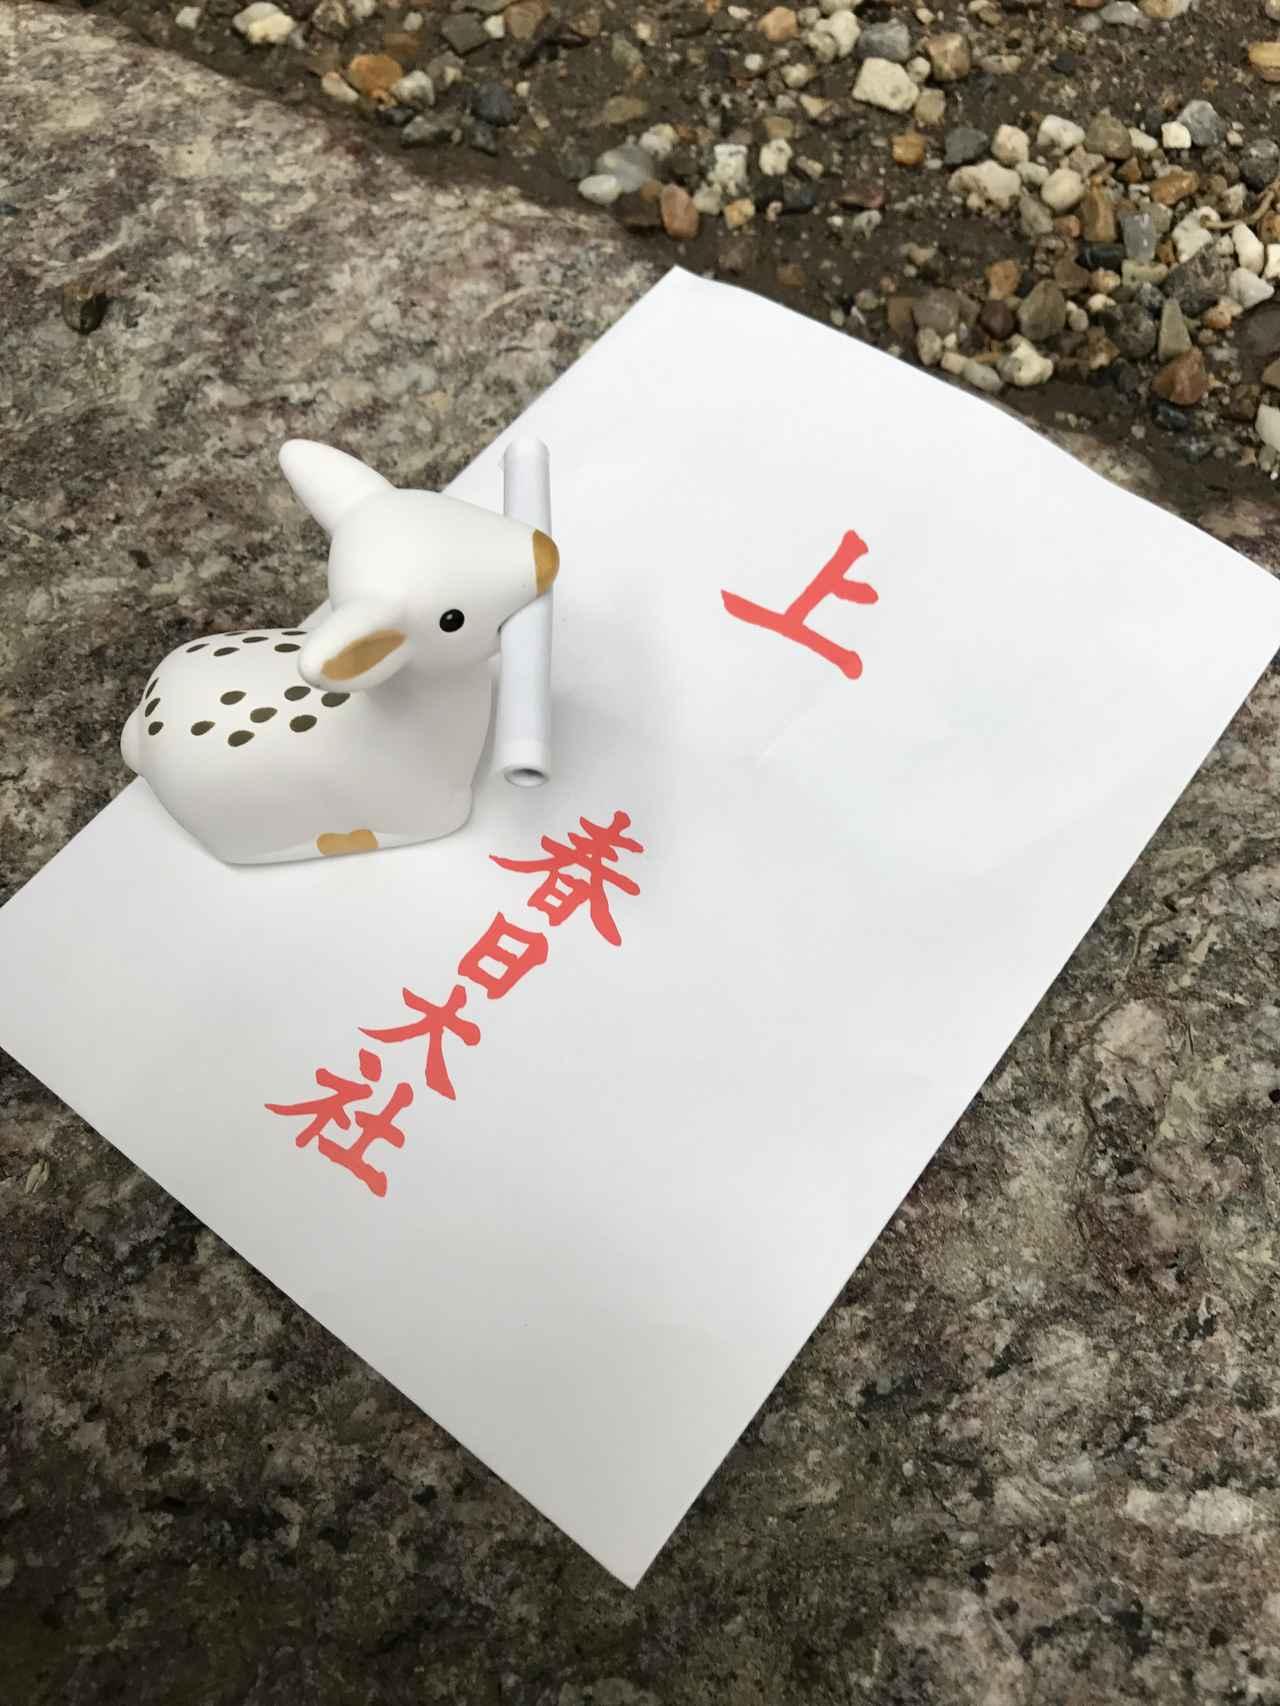 画像: 春日大社のおみくじ「白鹿みくじ」すごく可愛いですね♪